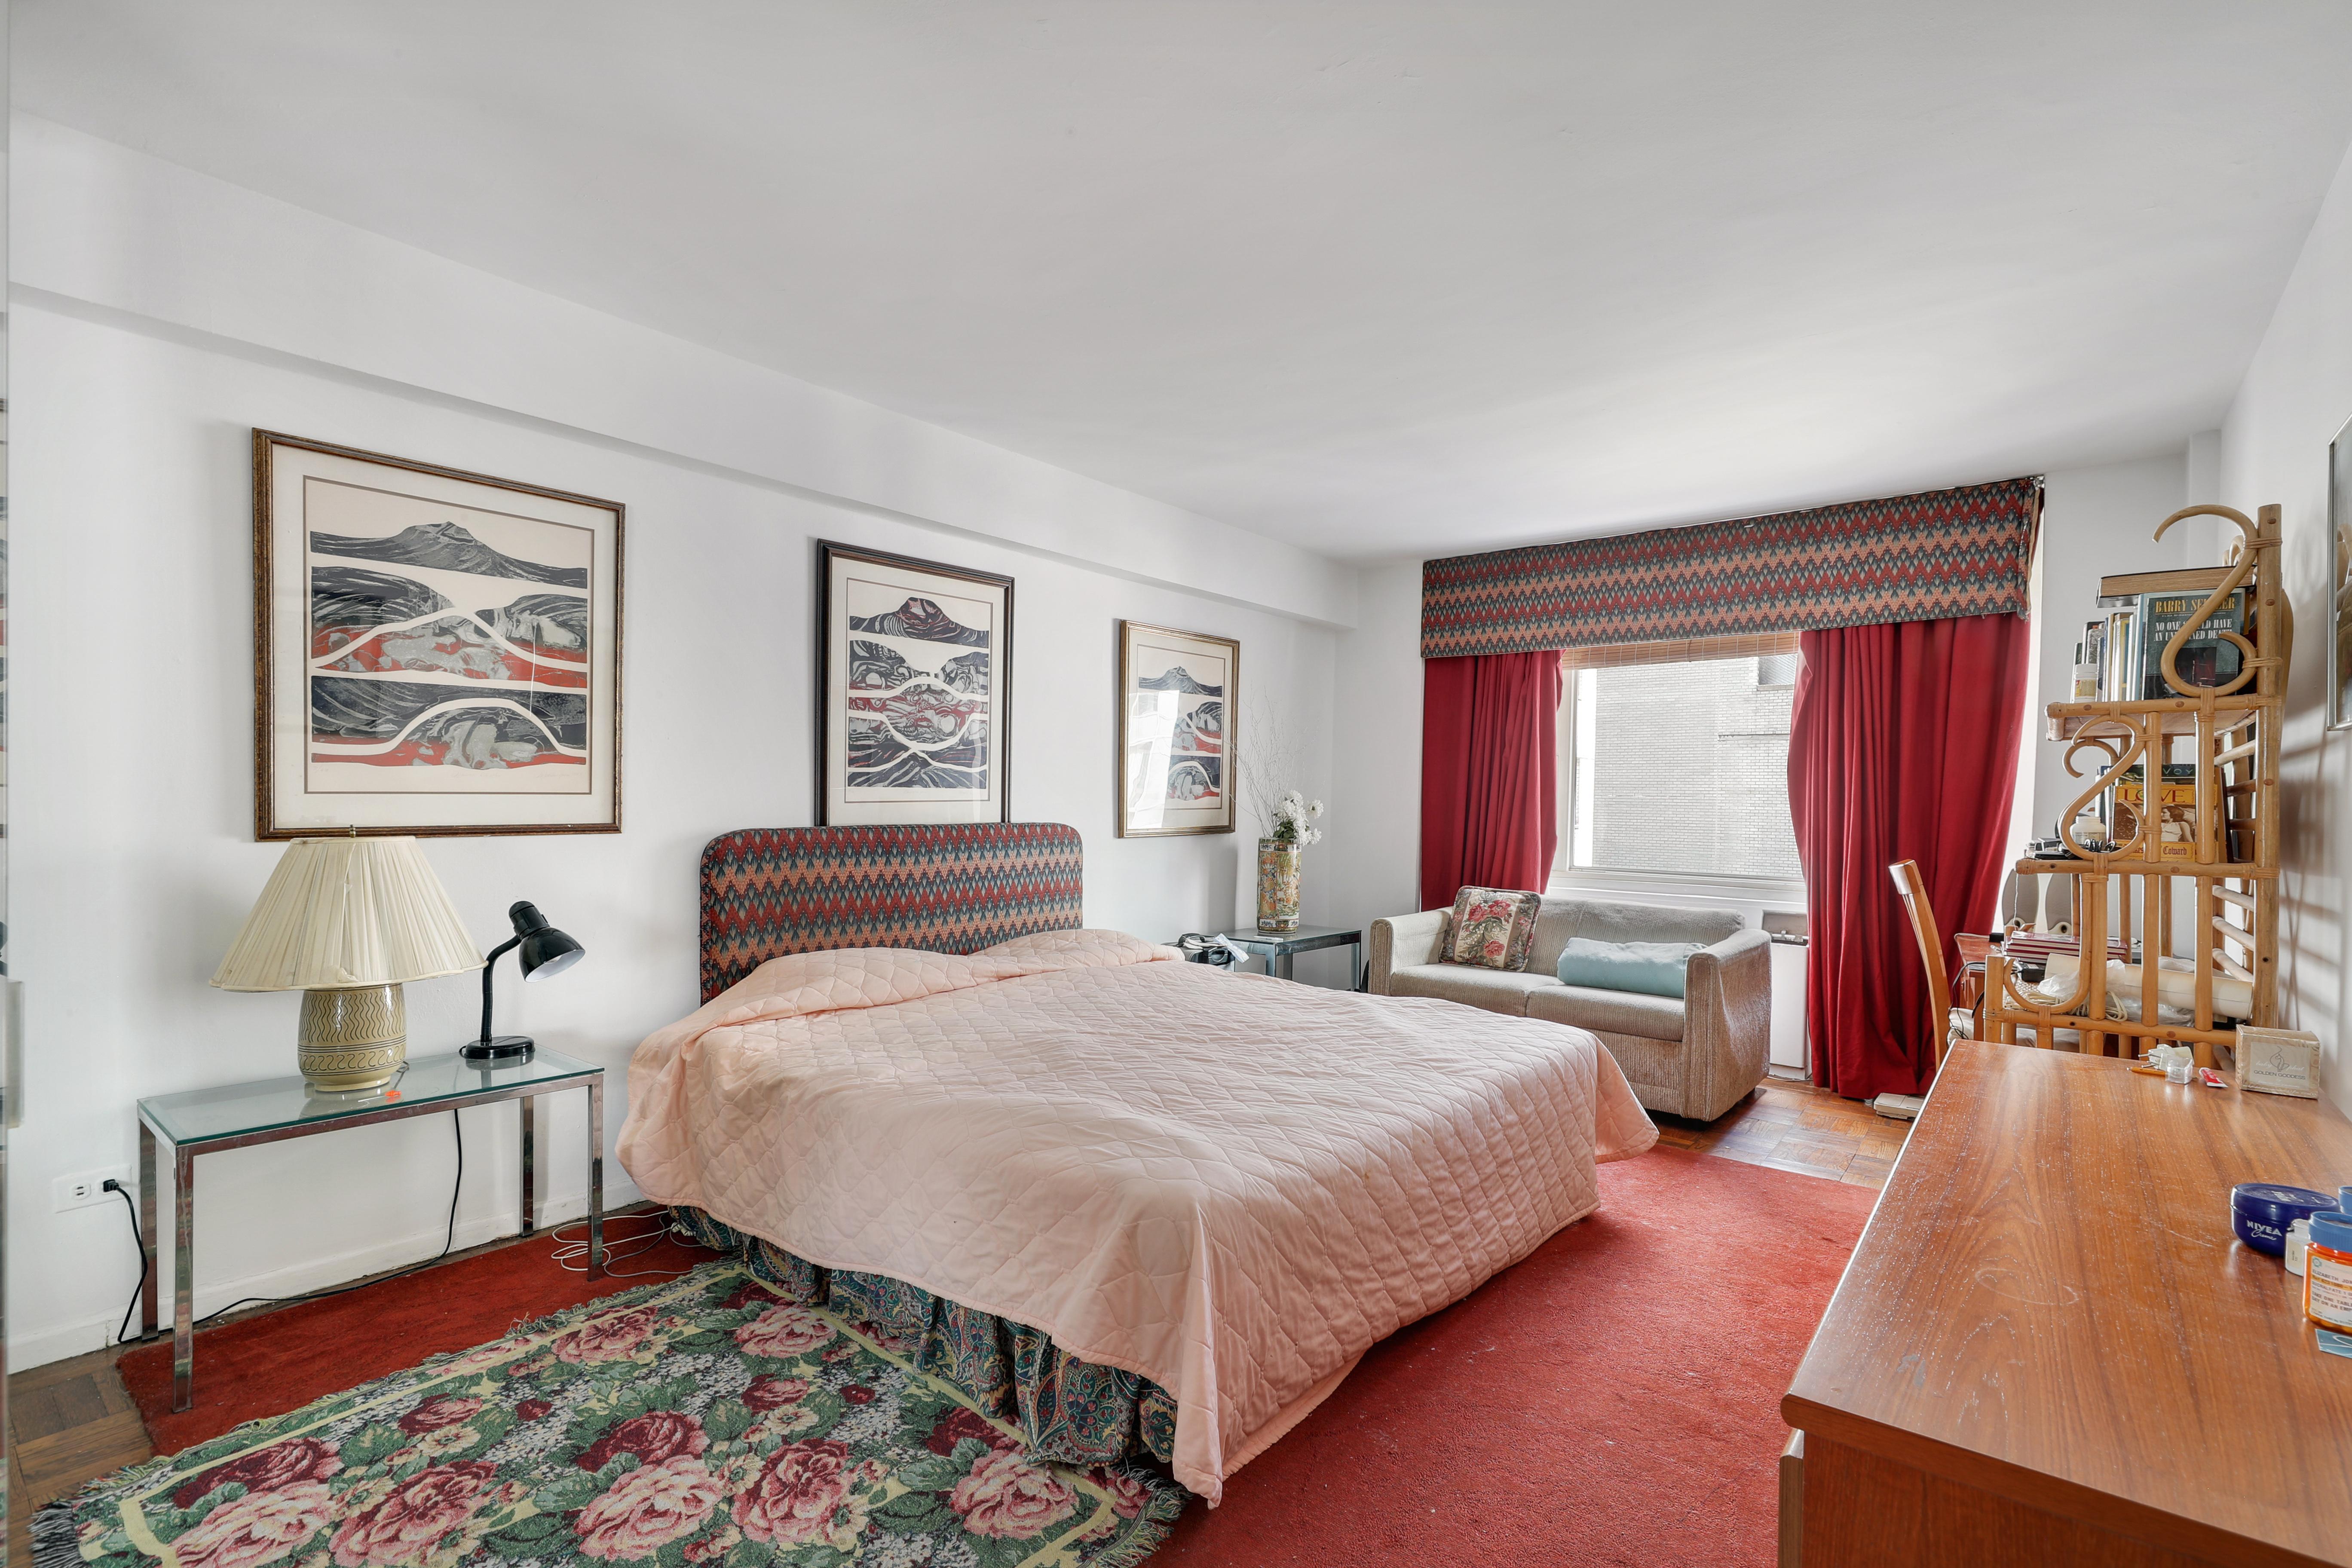 E. Bedroom